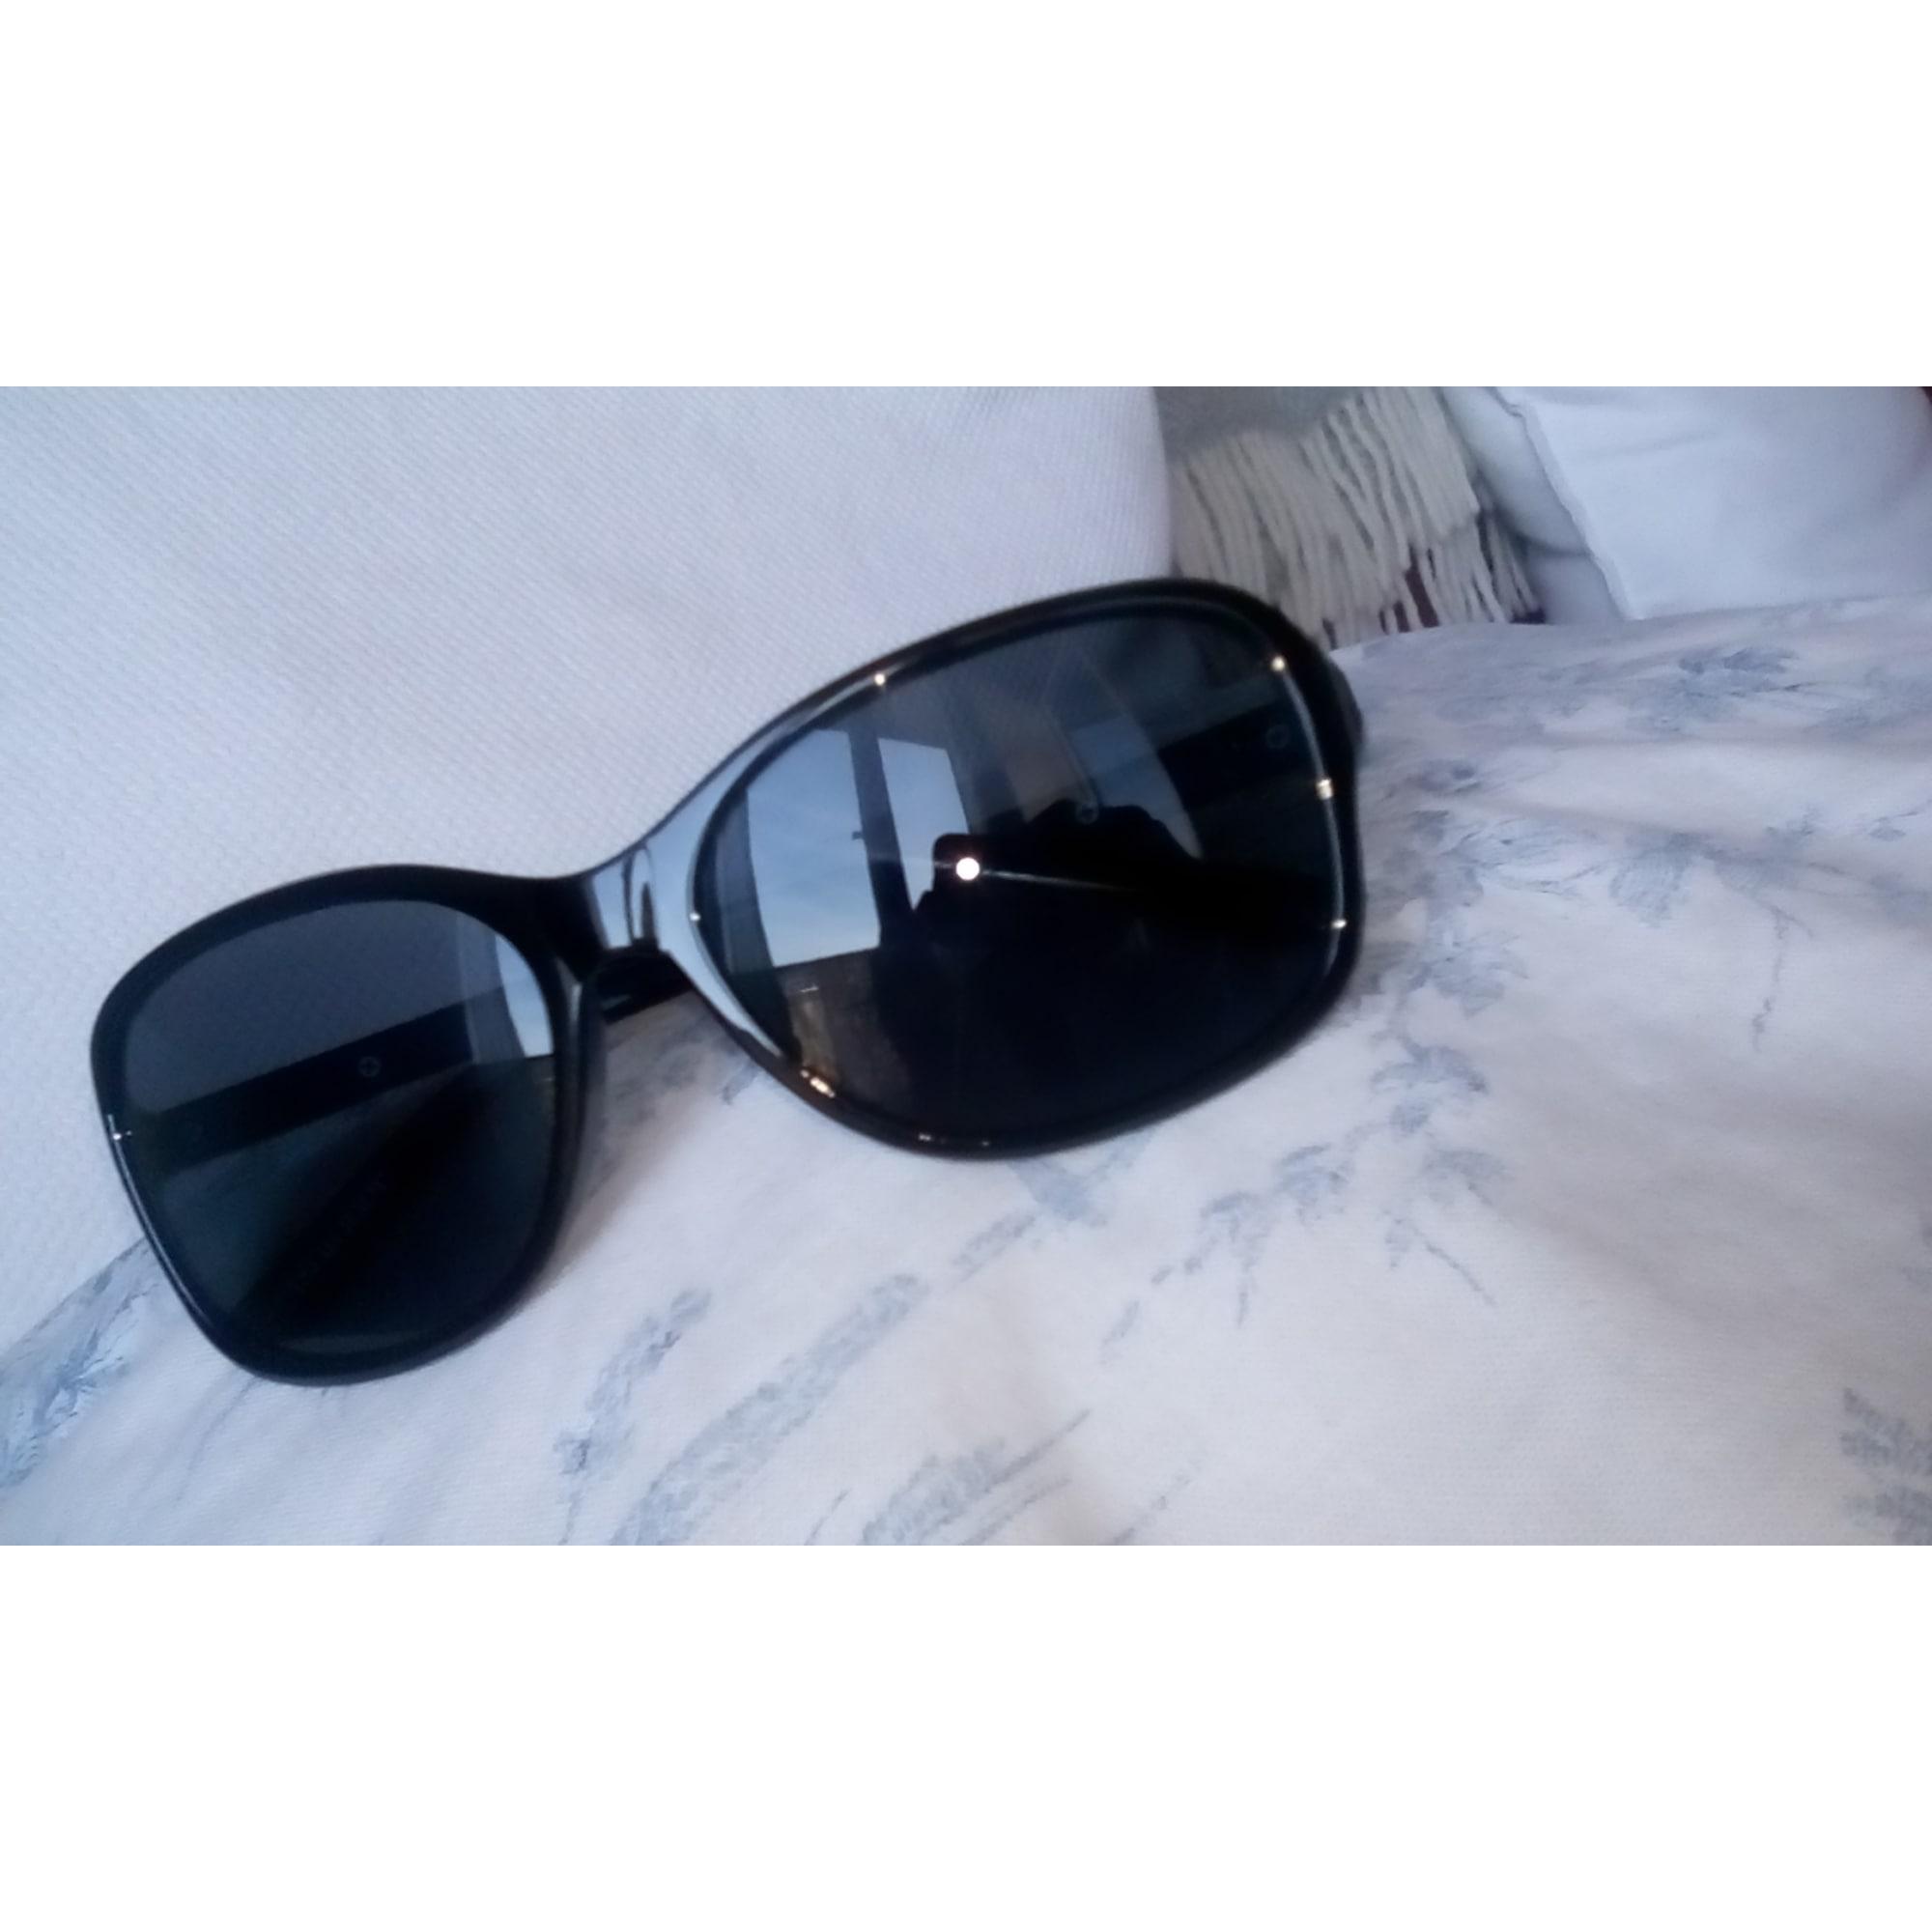 Lunettes de soleil ISOTONER noir vendu par Ladywell - 7581525 497198524d5b